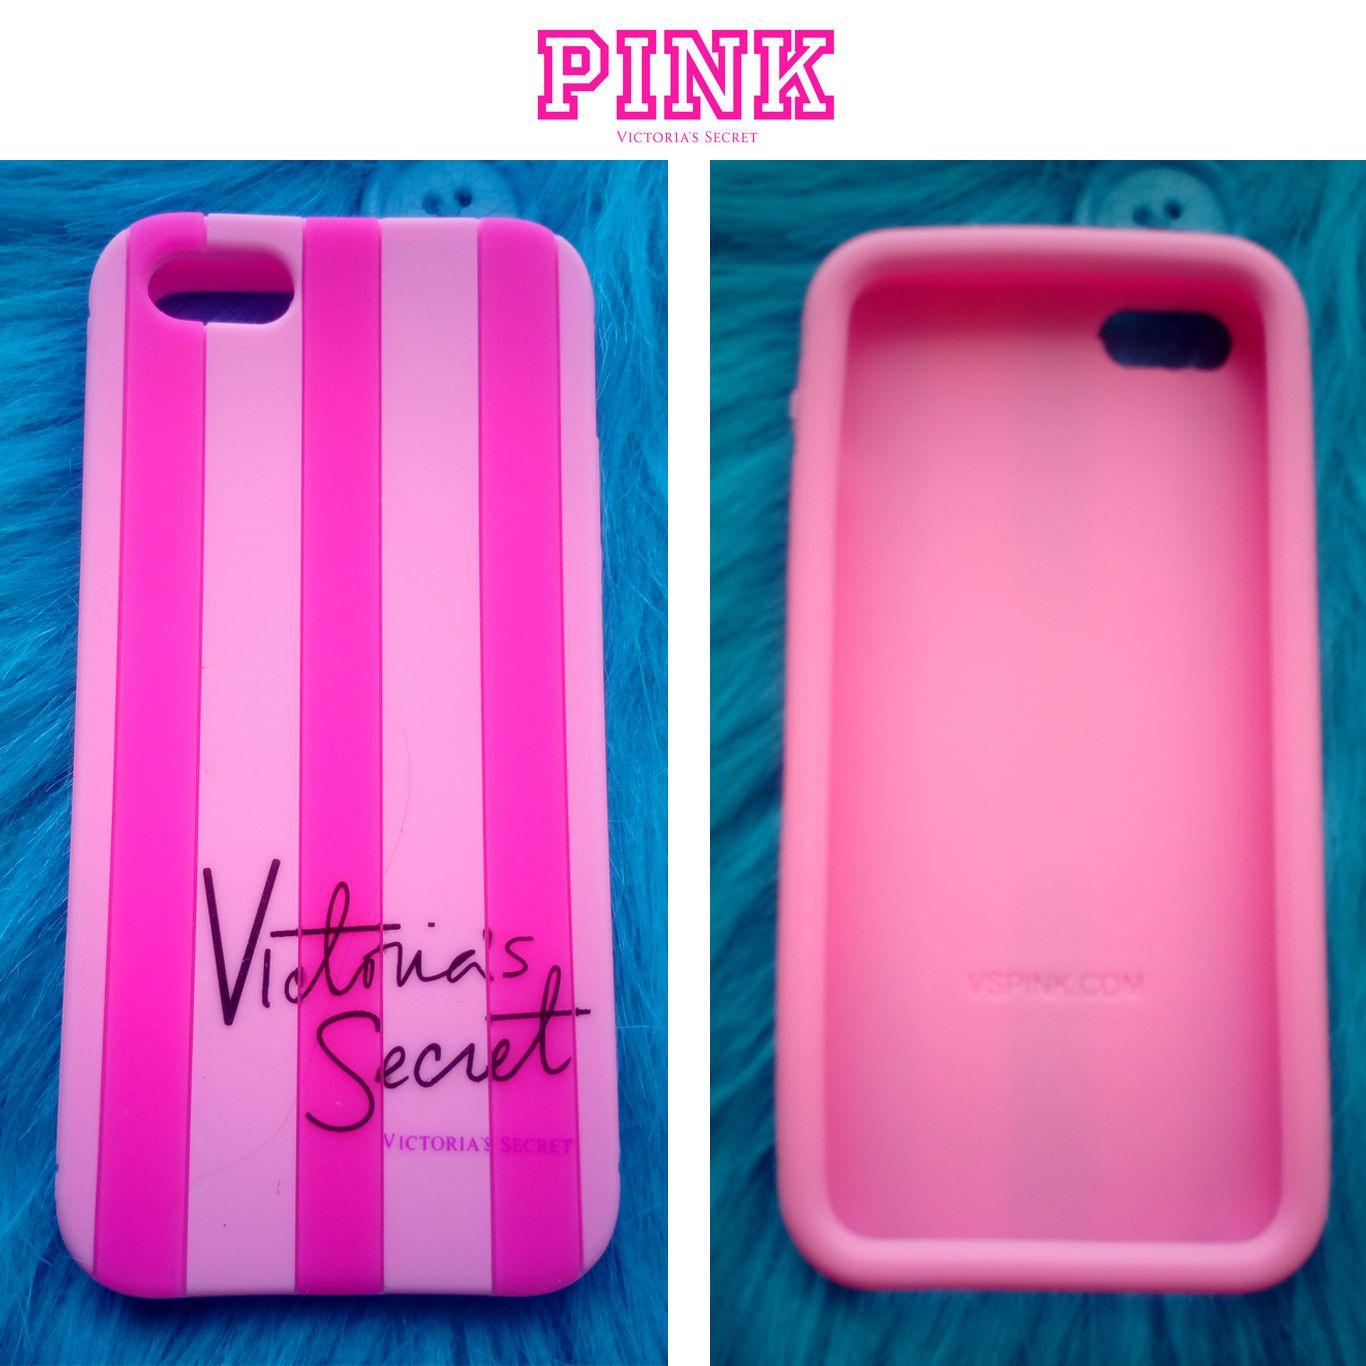 1d5be3e1eea Funda de Victoria Secret para Iphone 5/5S. En Rosa. | Phones cases ...